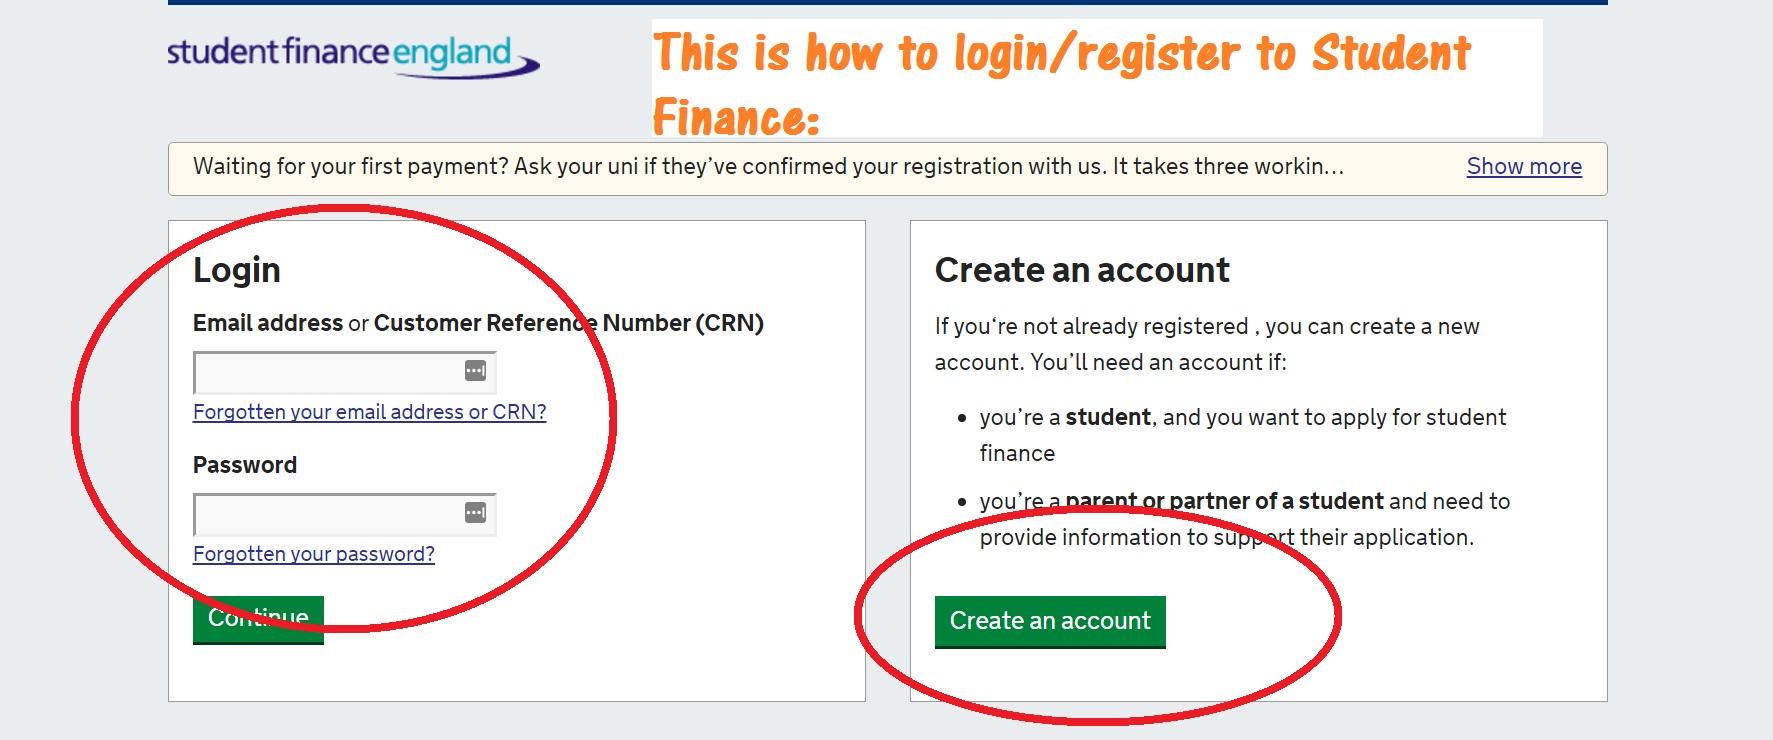 Check Register Letters Uk